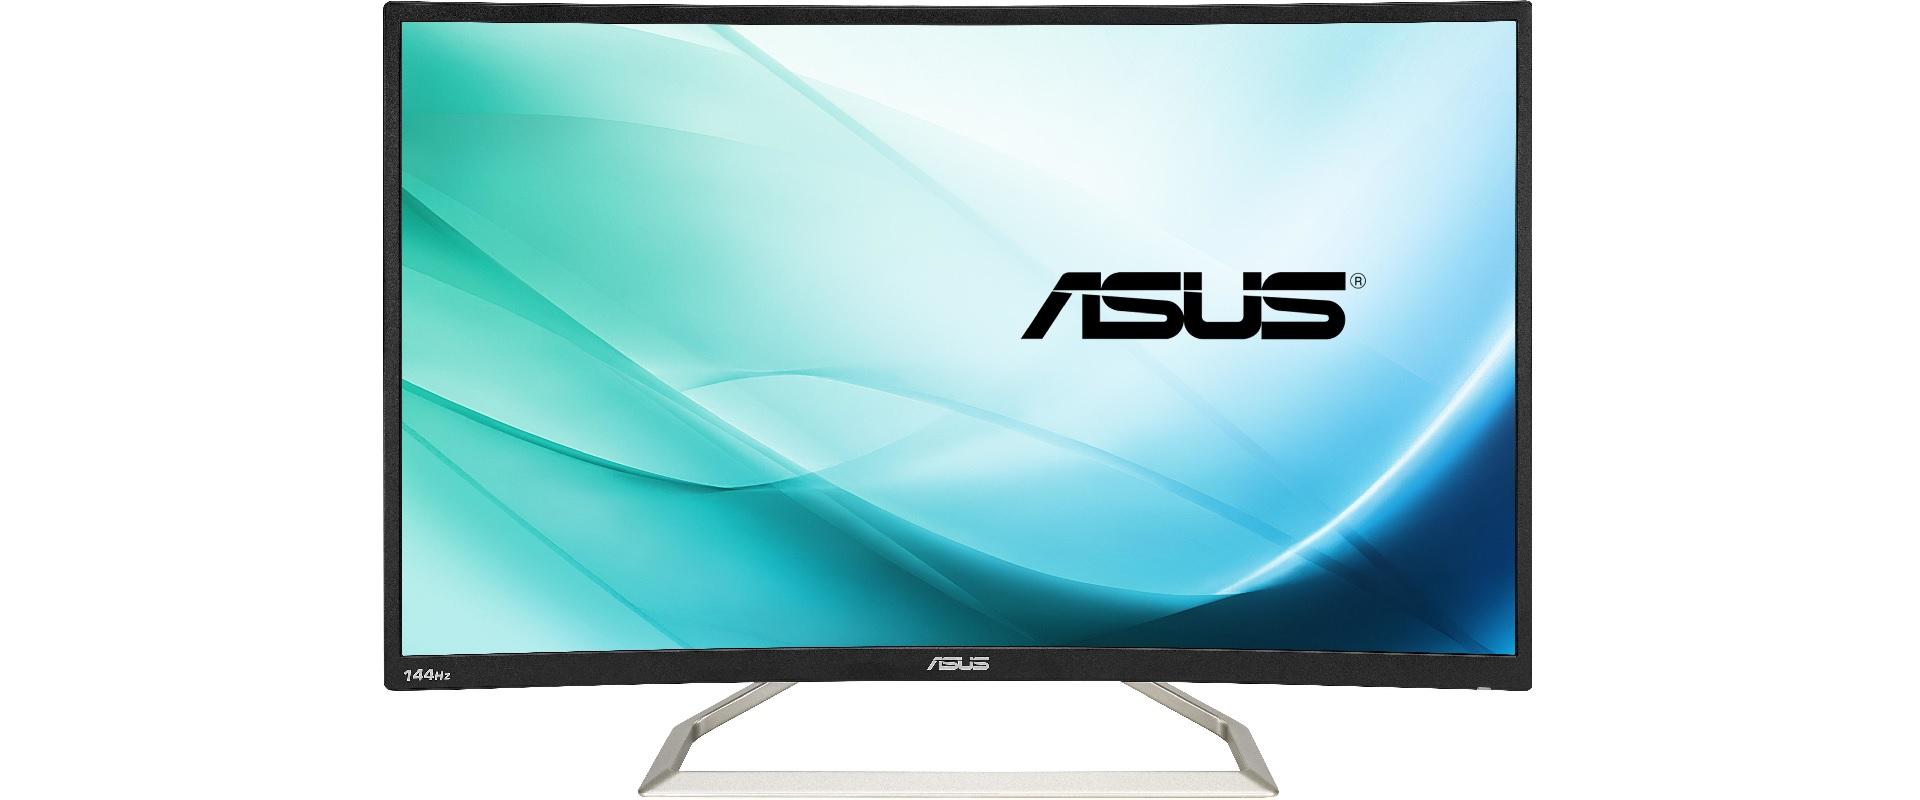 ASUS VA326H – Đánh Giá Gaming Gear